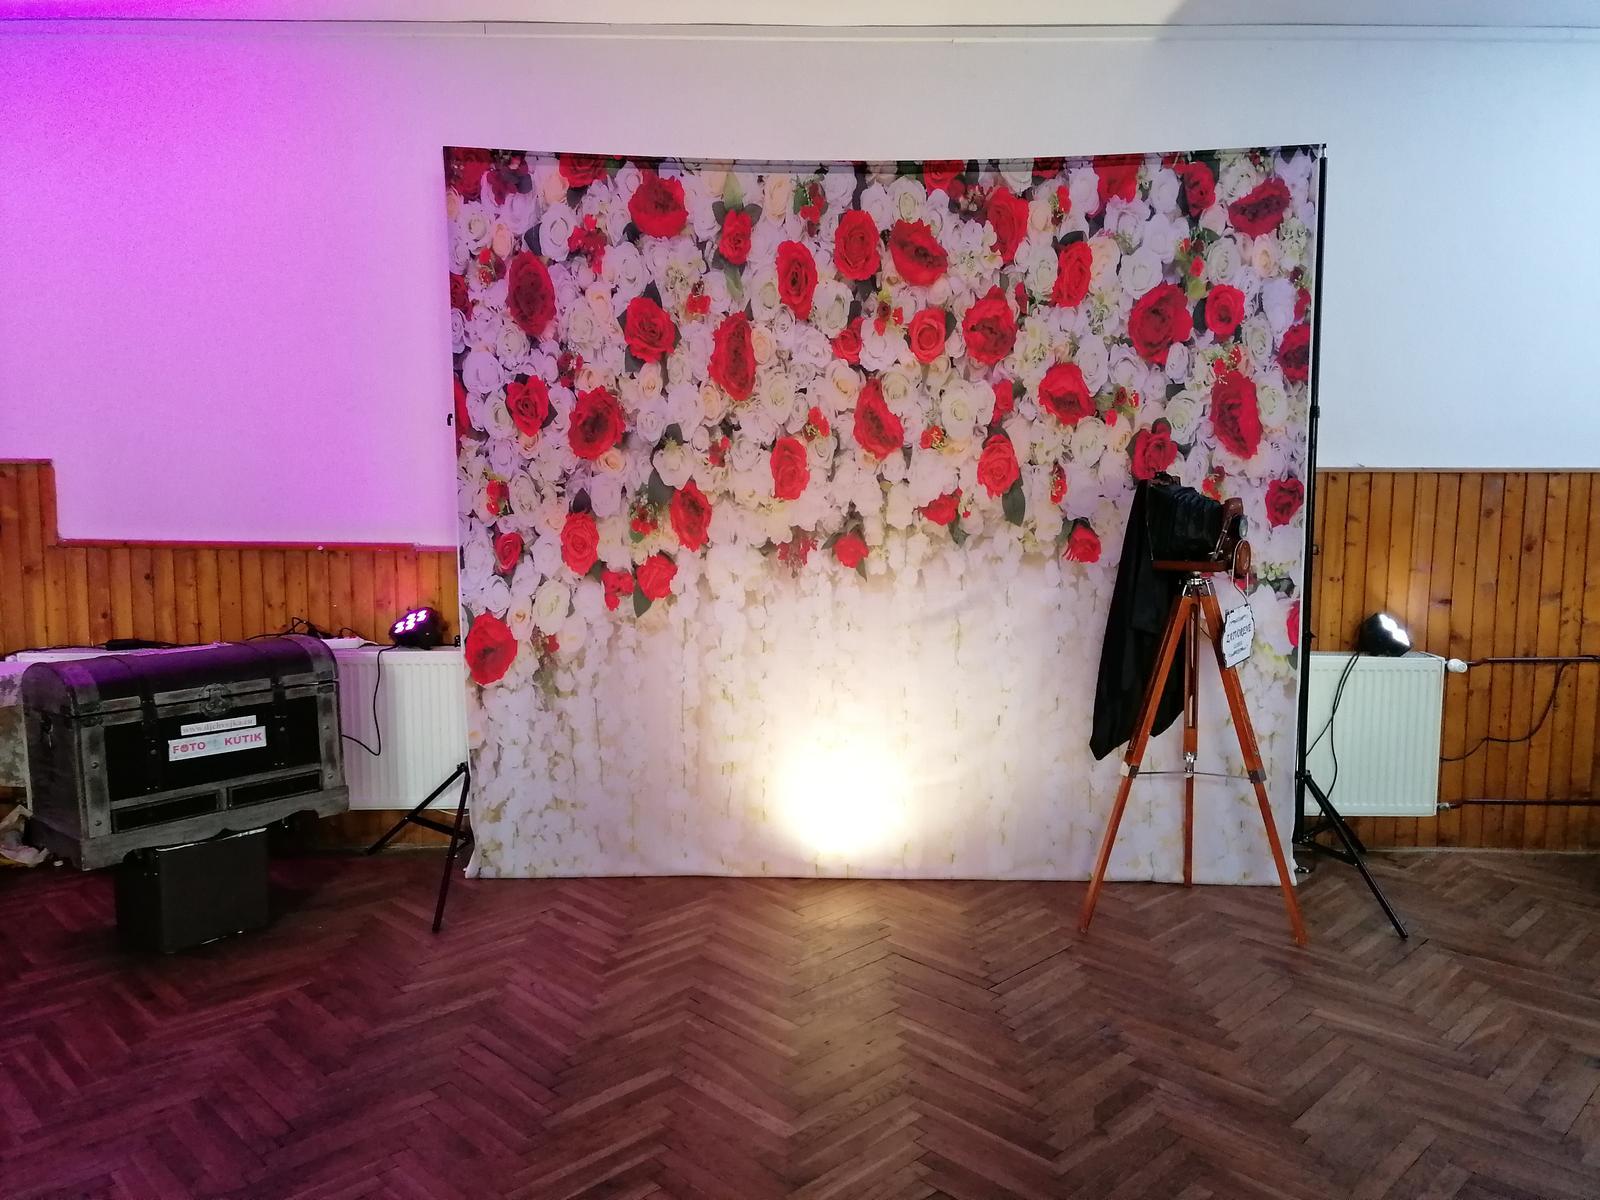 Svadobné FOTO steny, Foto kútik DJ Chvojka - Obrázok č. 11